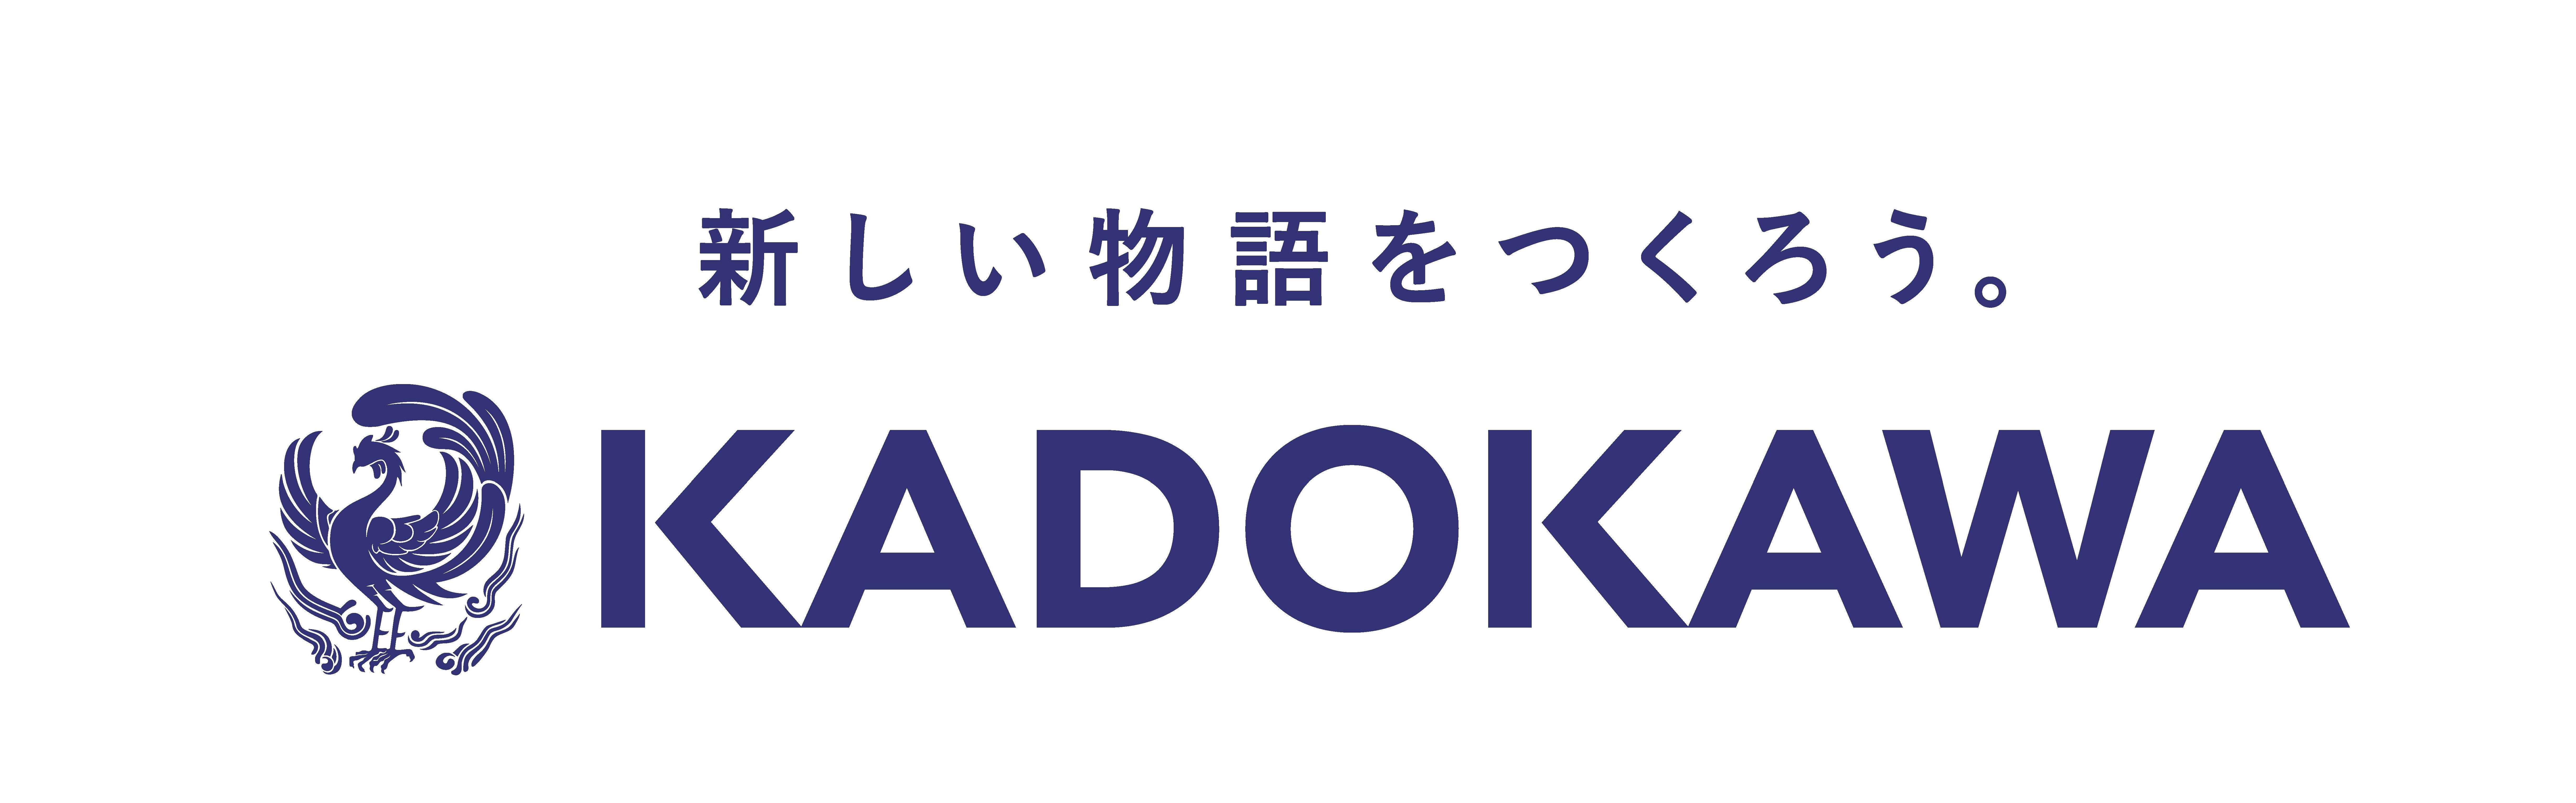 子会社9社と合併し新生「KADOKAWA」がスタート。 新しいロゴとキャッチフレーズ、 記念キャンペーンの展開を開始します